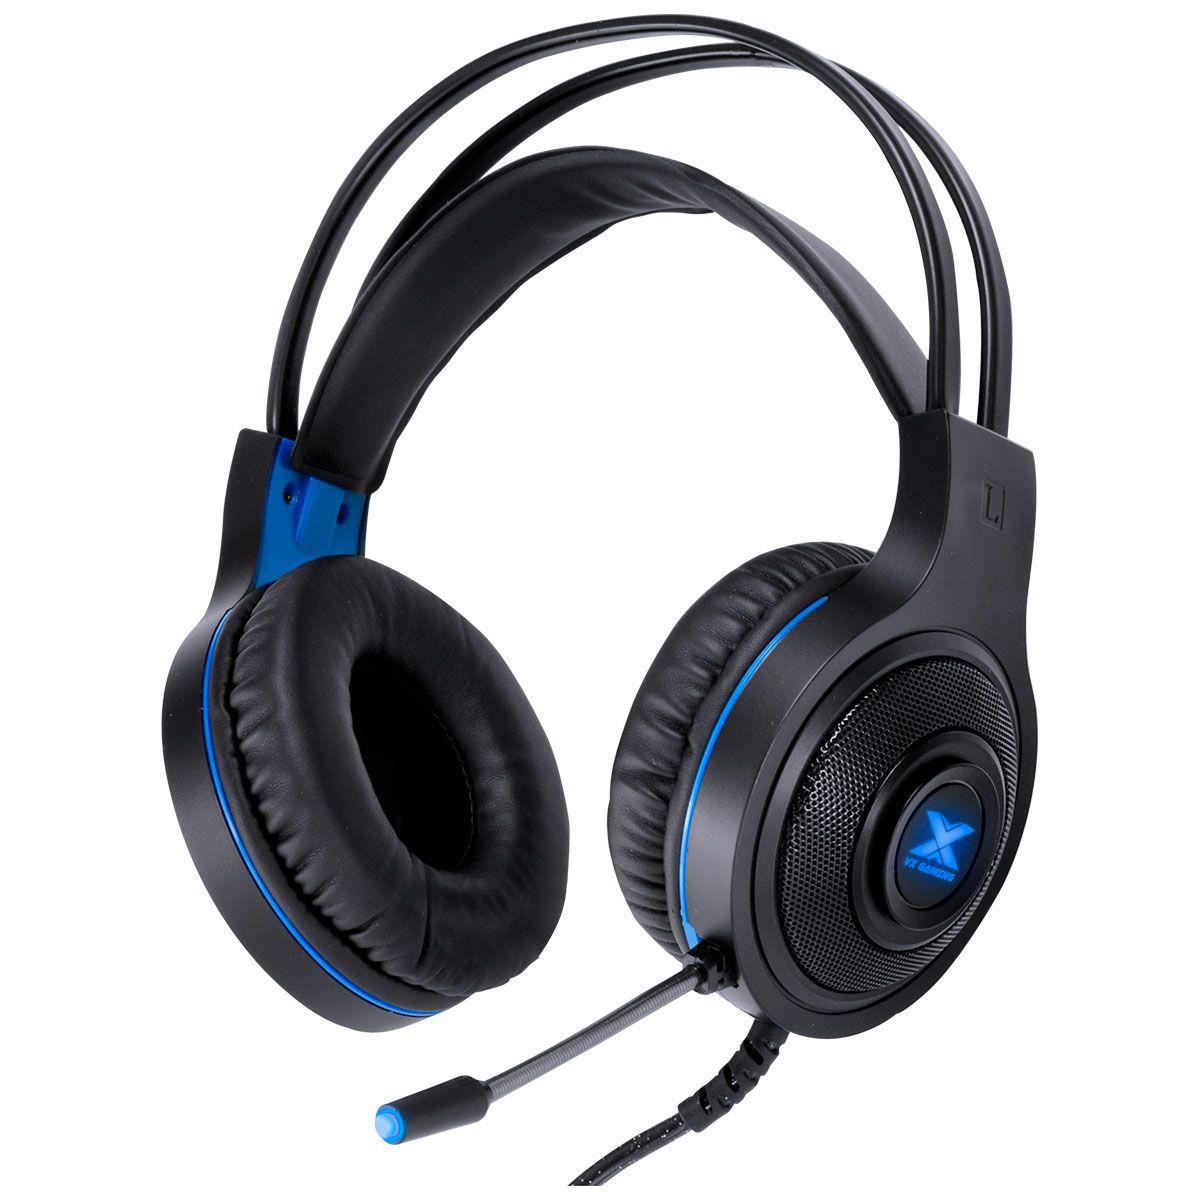 Fone de Ouvido GH300 VX Gaming LUGH LED Azul 31538 - Vinik